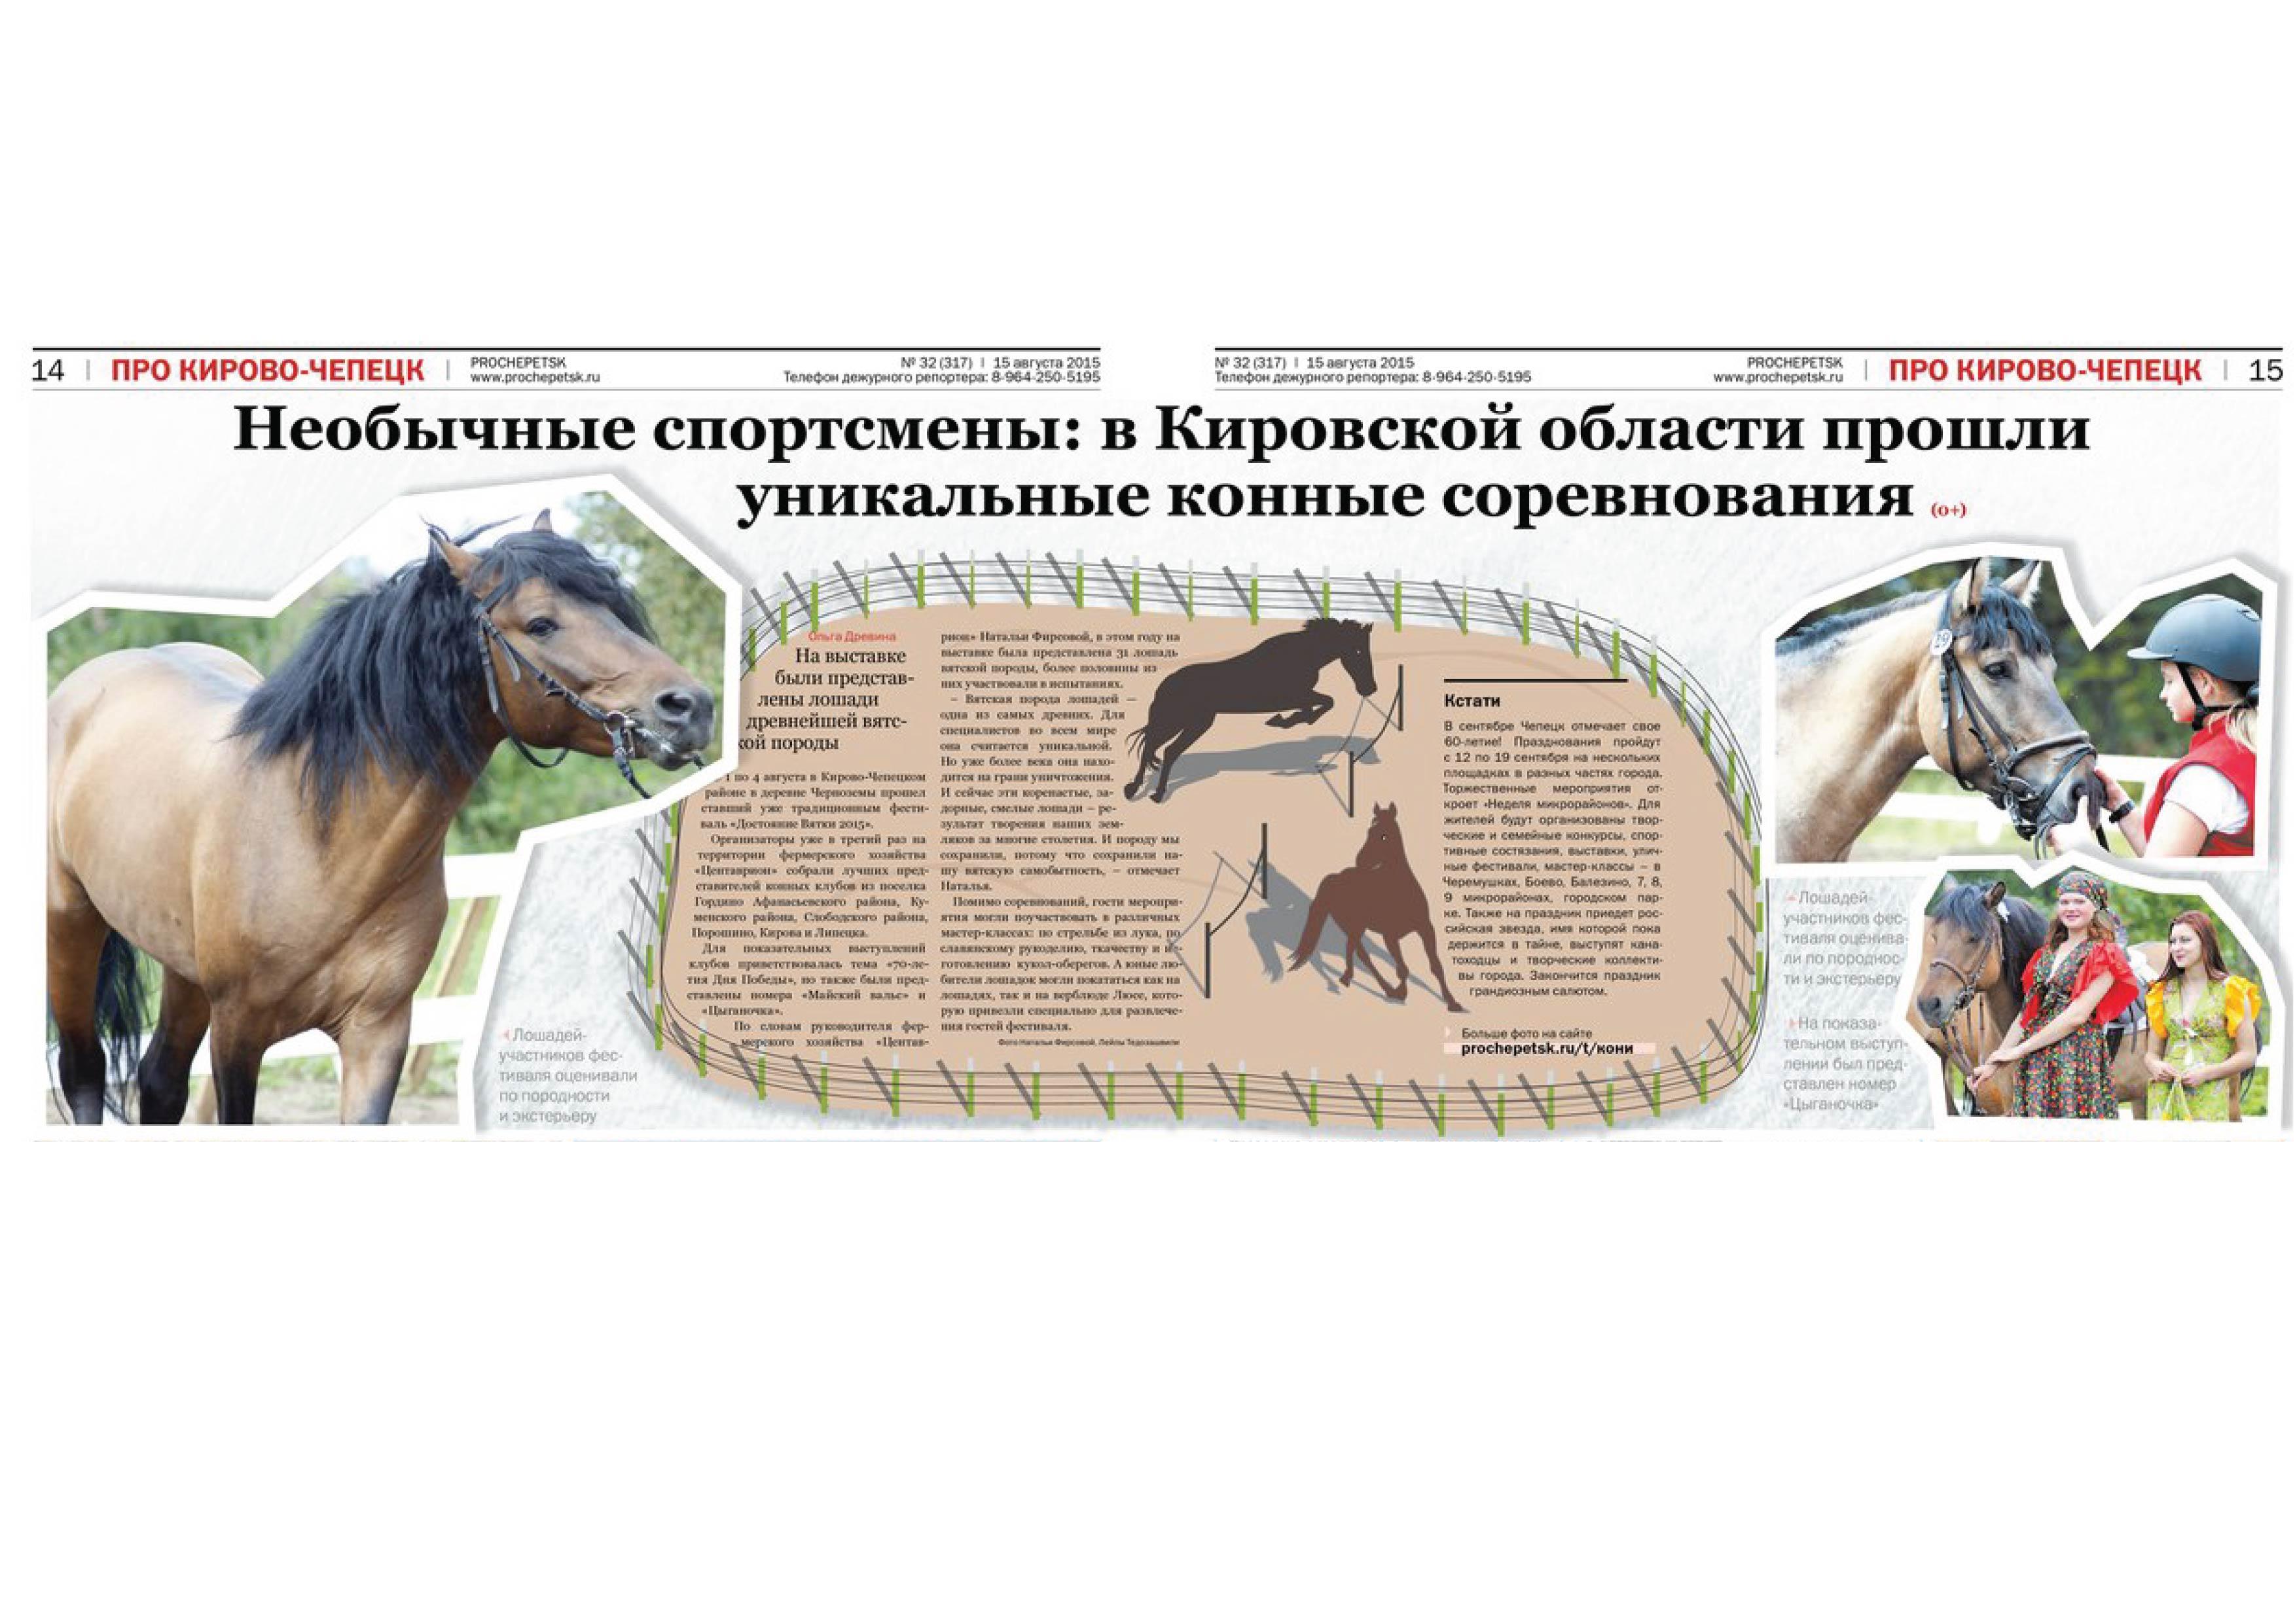 konnye-sorevnovaniya-chepetsk